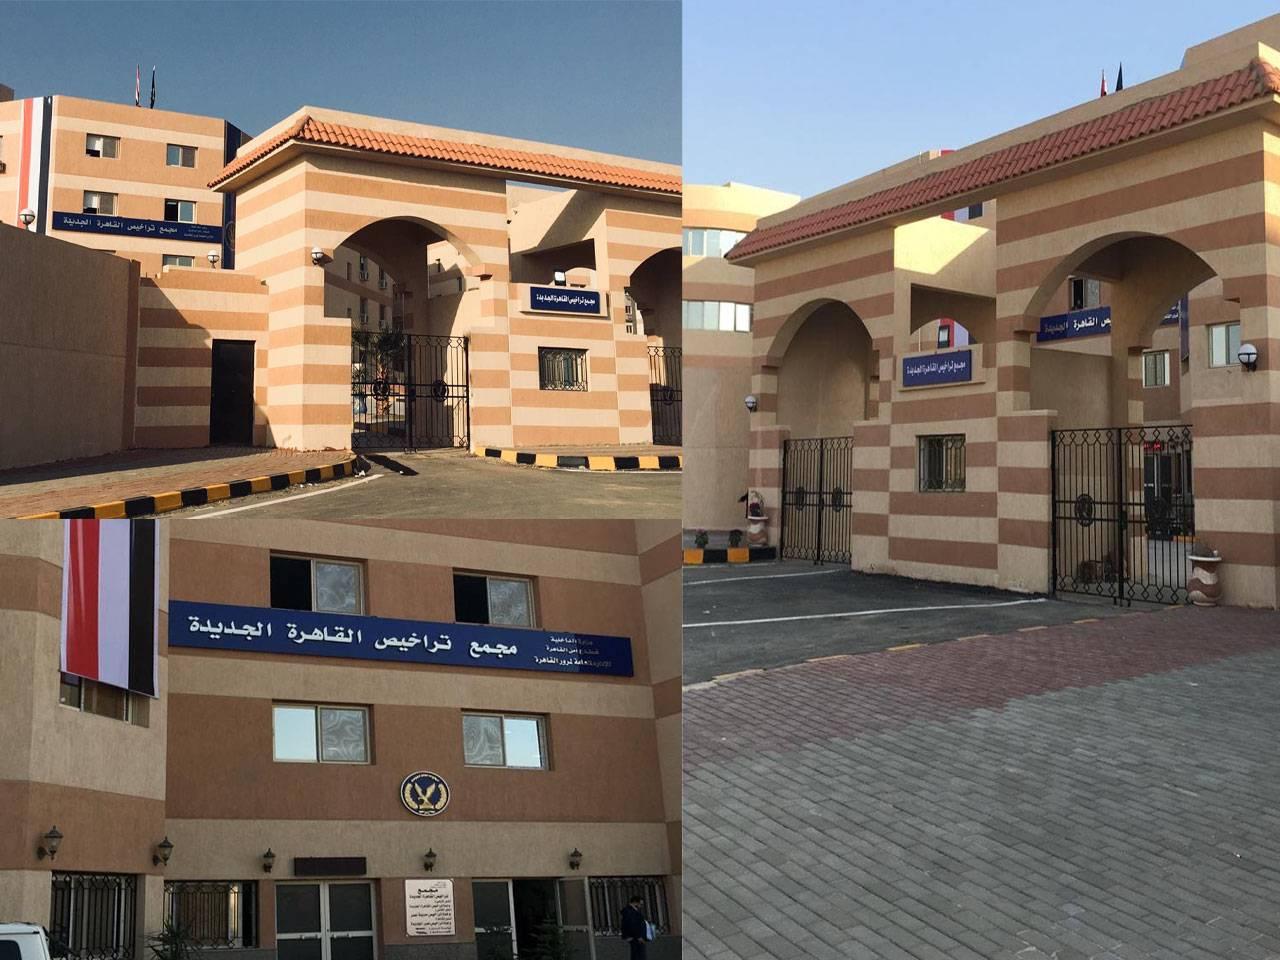 مجمع تراخيص القاهرة الجديدة 2020